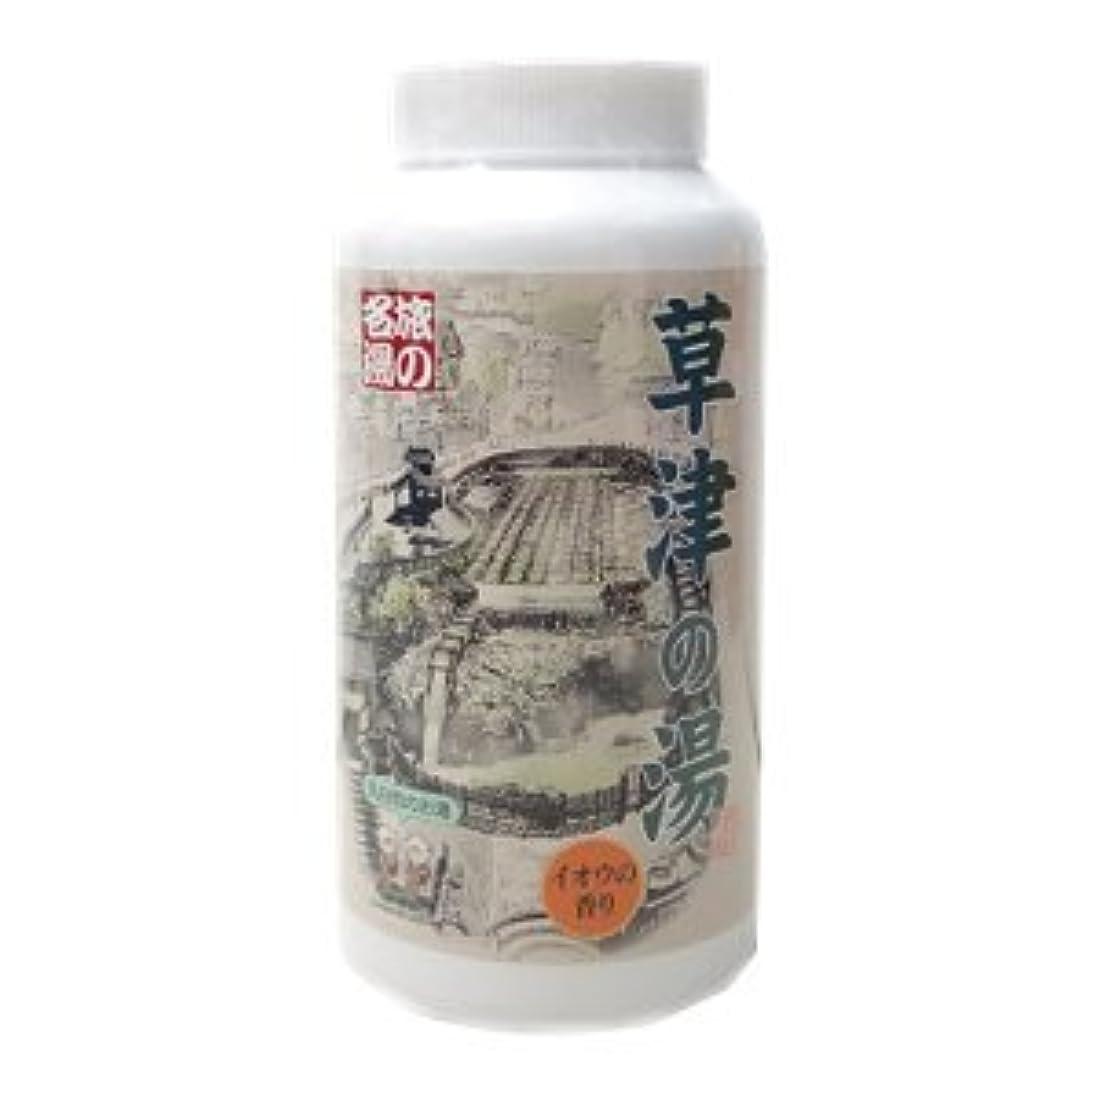 慢な奨学金ペースト草津の湯入浴剤 『イオウの香り』 乳白色のお湯 500g 20回分